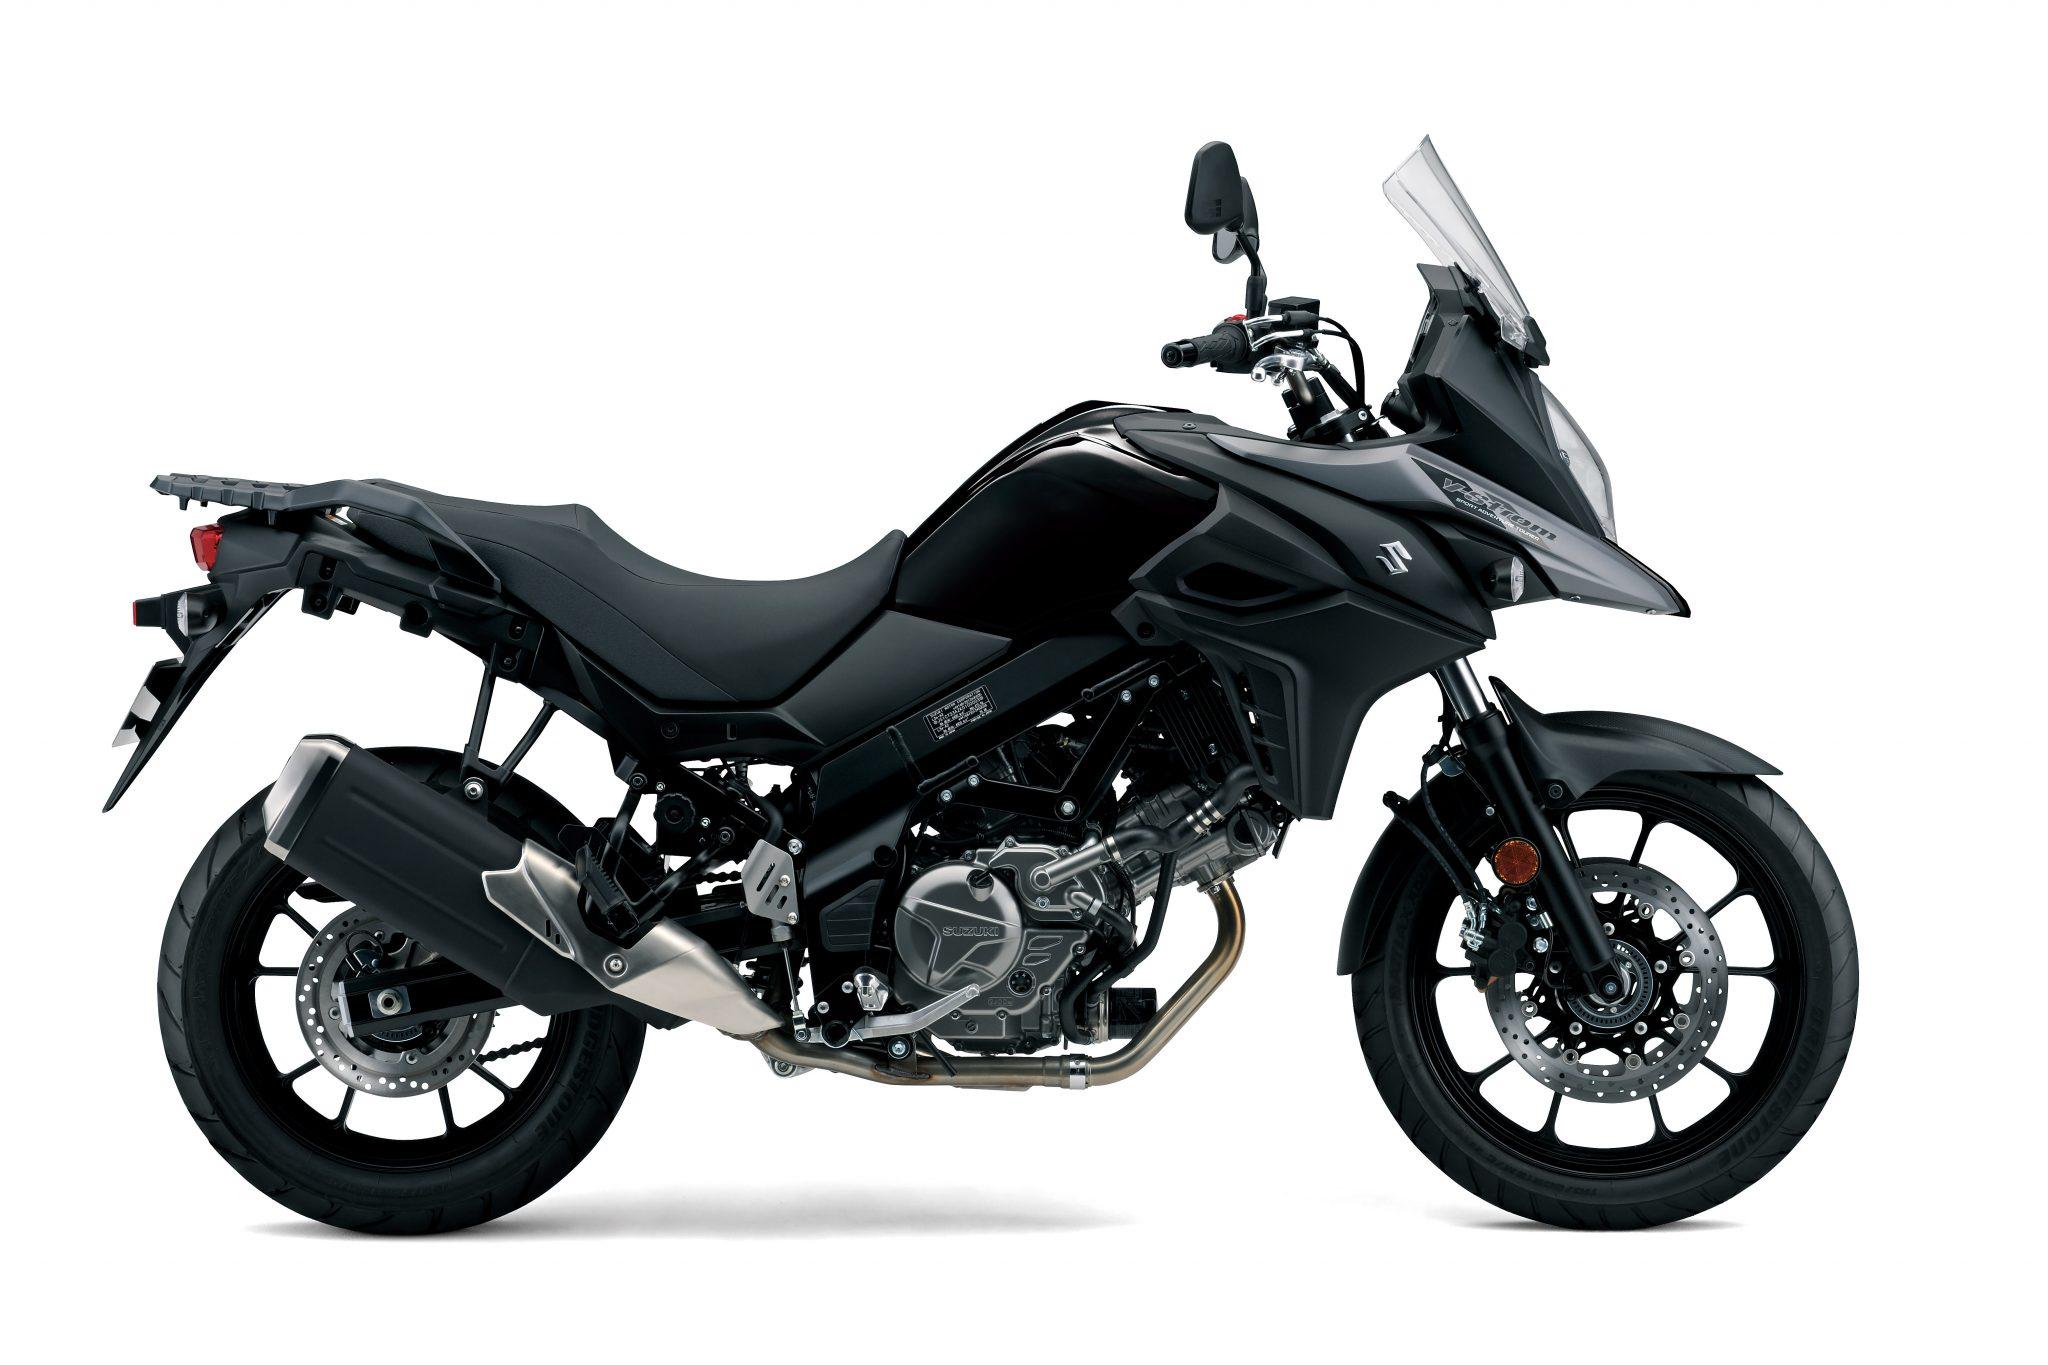 DL 650 A שחור לבן